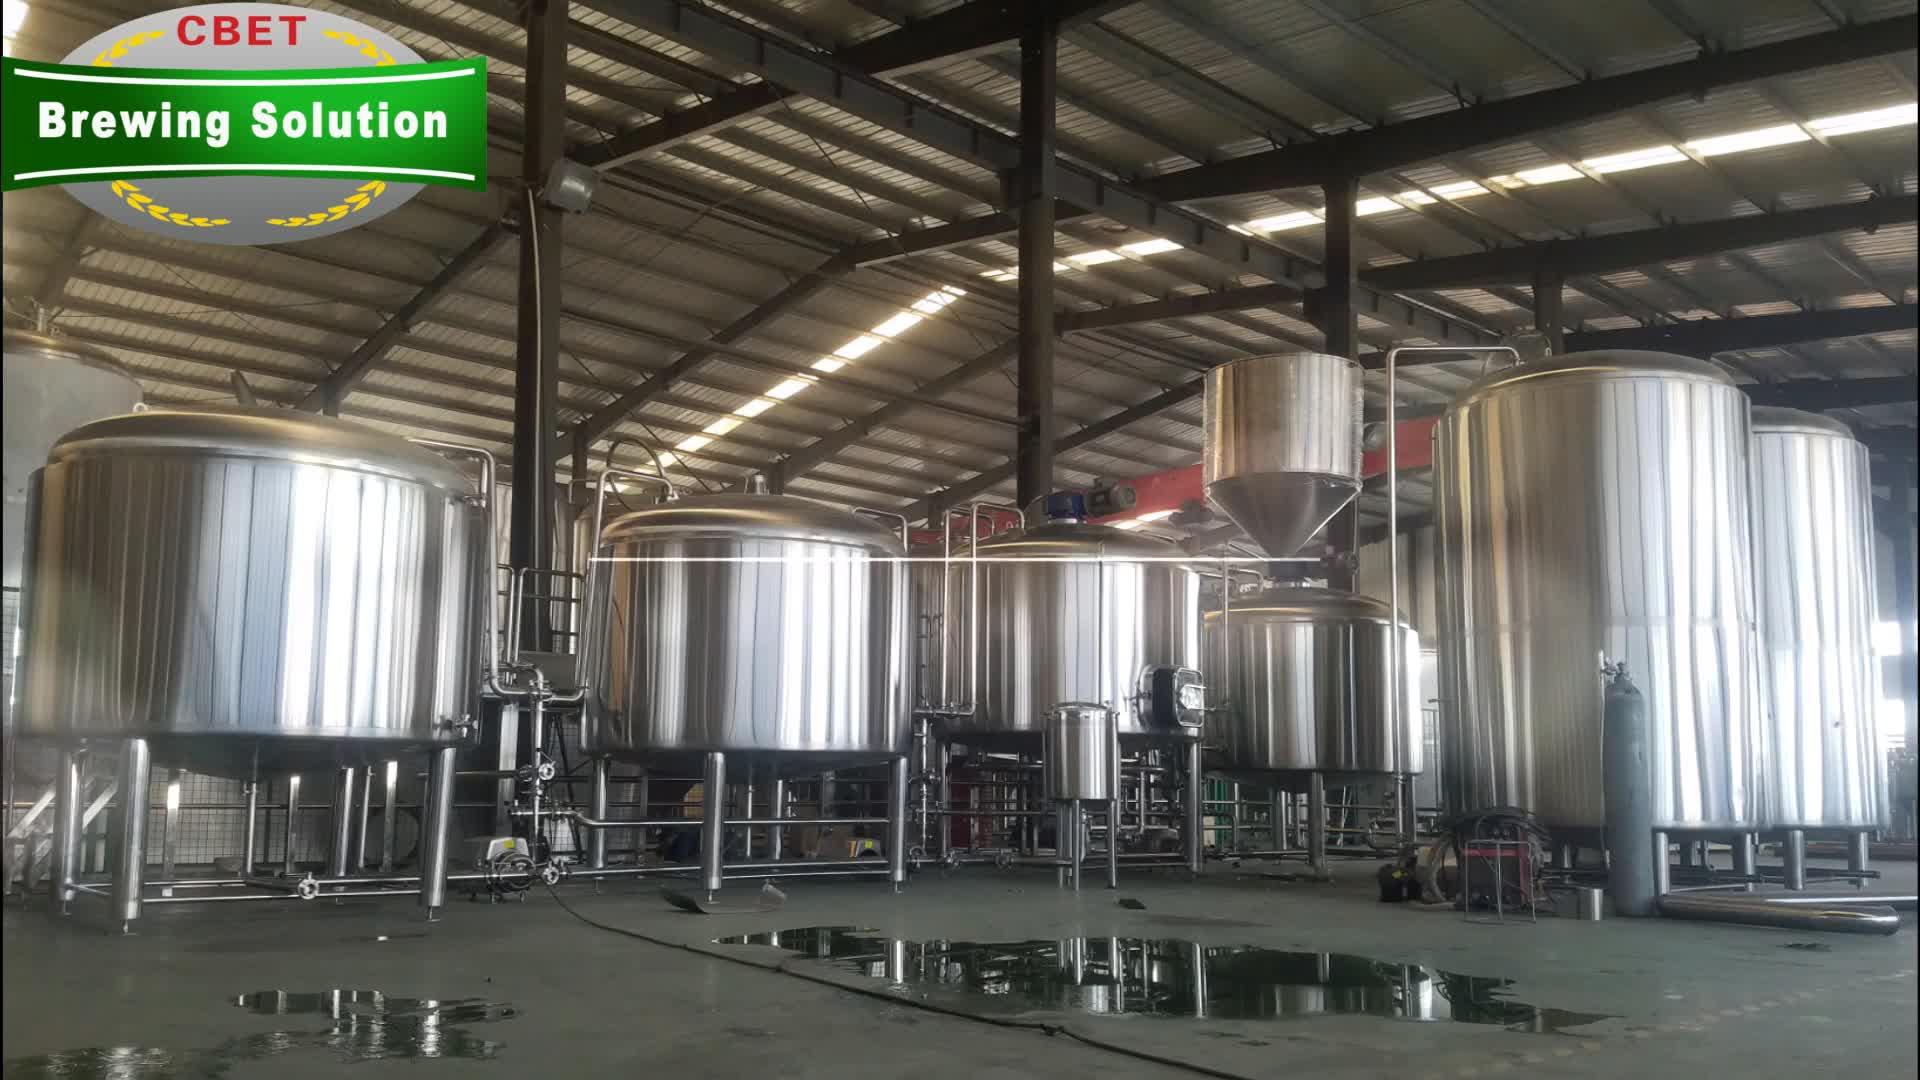 1500l 1000l 2000l 3000l 2500l 3500l छोटे वाणिज्यिक बीयर पक शराब की भठ्ठी मशीन उपकरण बिक्री के लिए इस्तेमाल किया